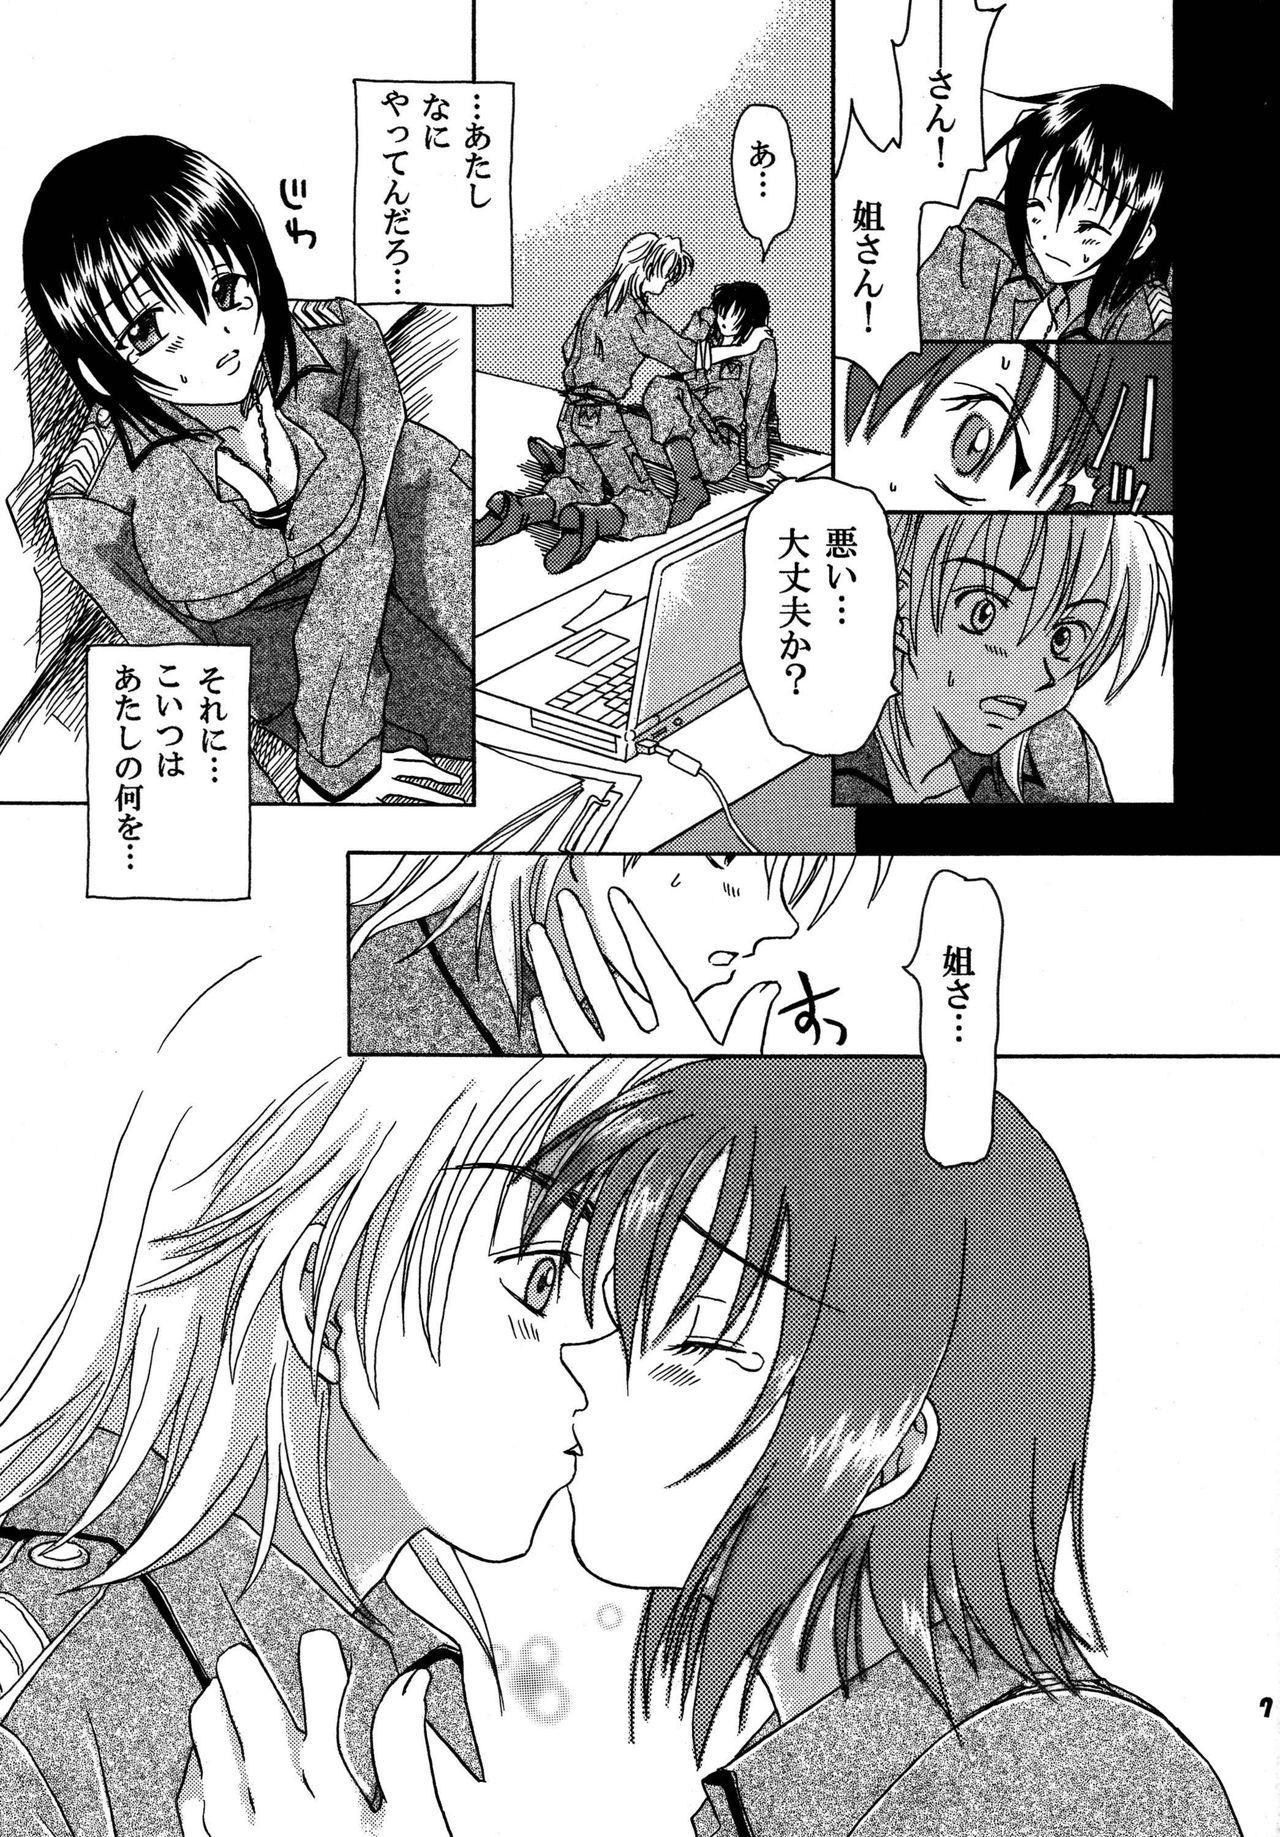 Kakehiki wa Kibishiku Sasayaki wa Amaku 6